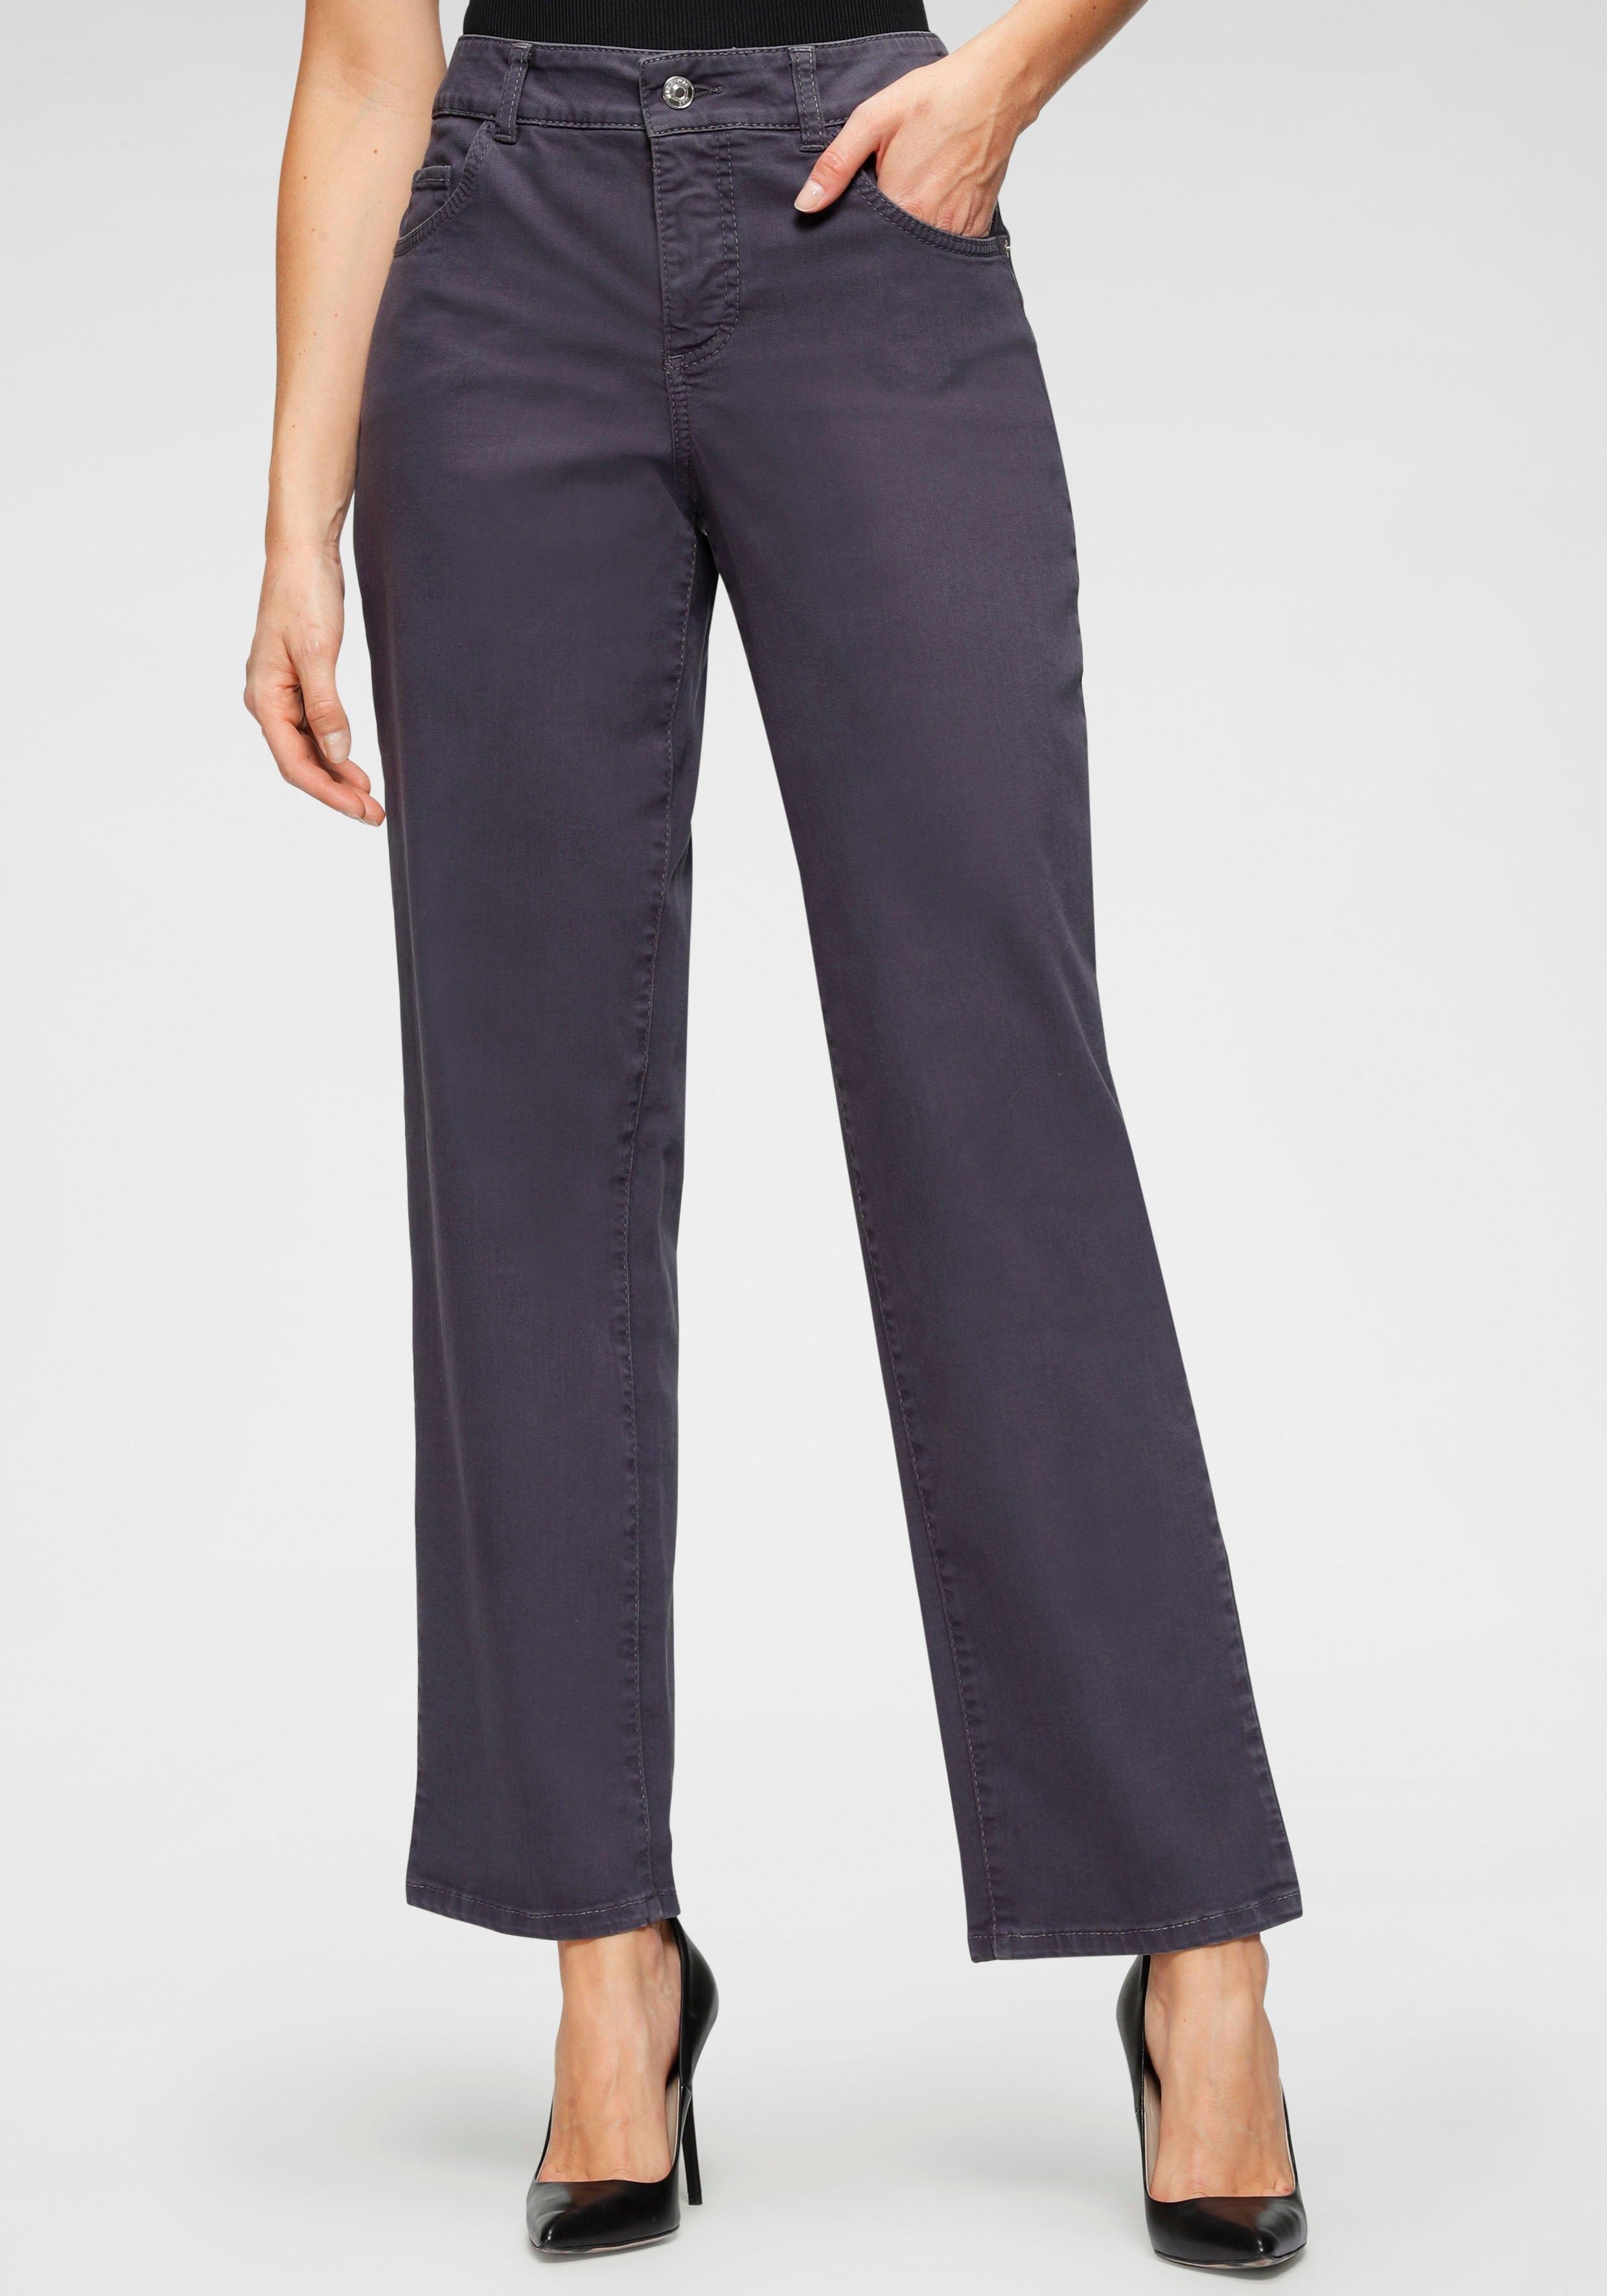 MAC prettige jeans »Gracia« bestellen: 30 dagen bedenktijd